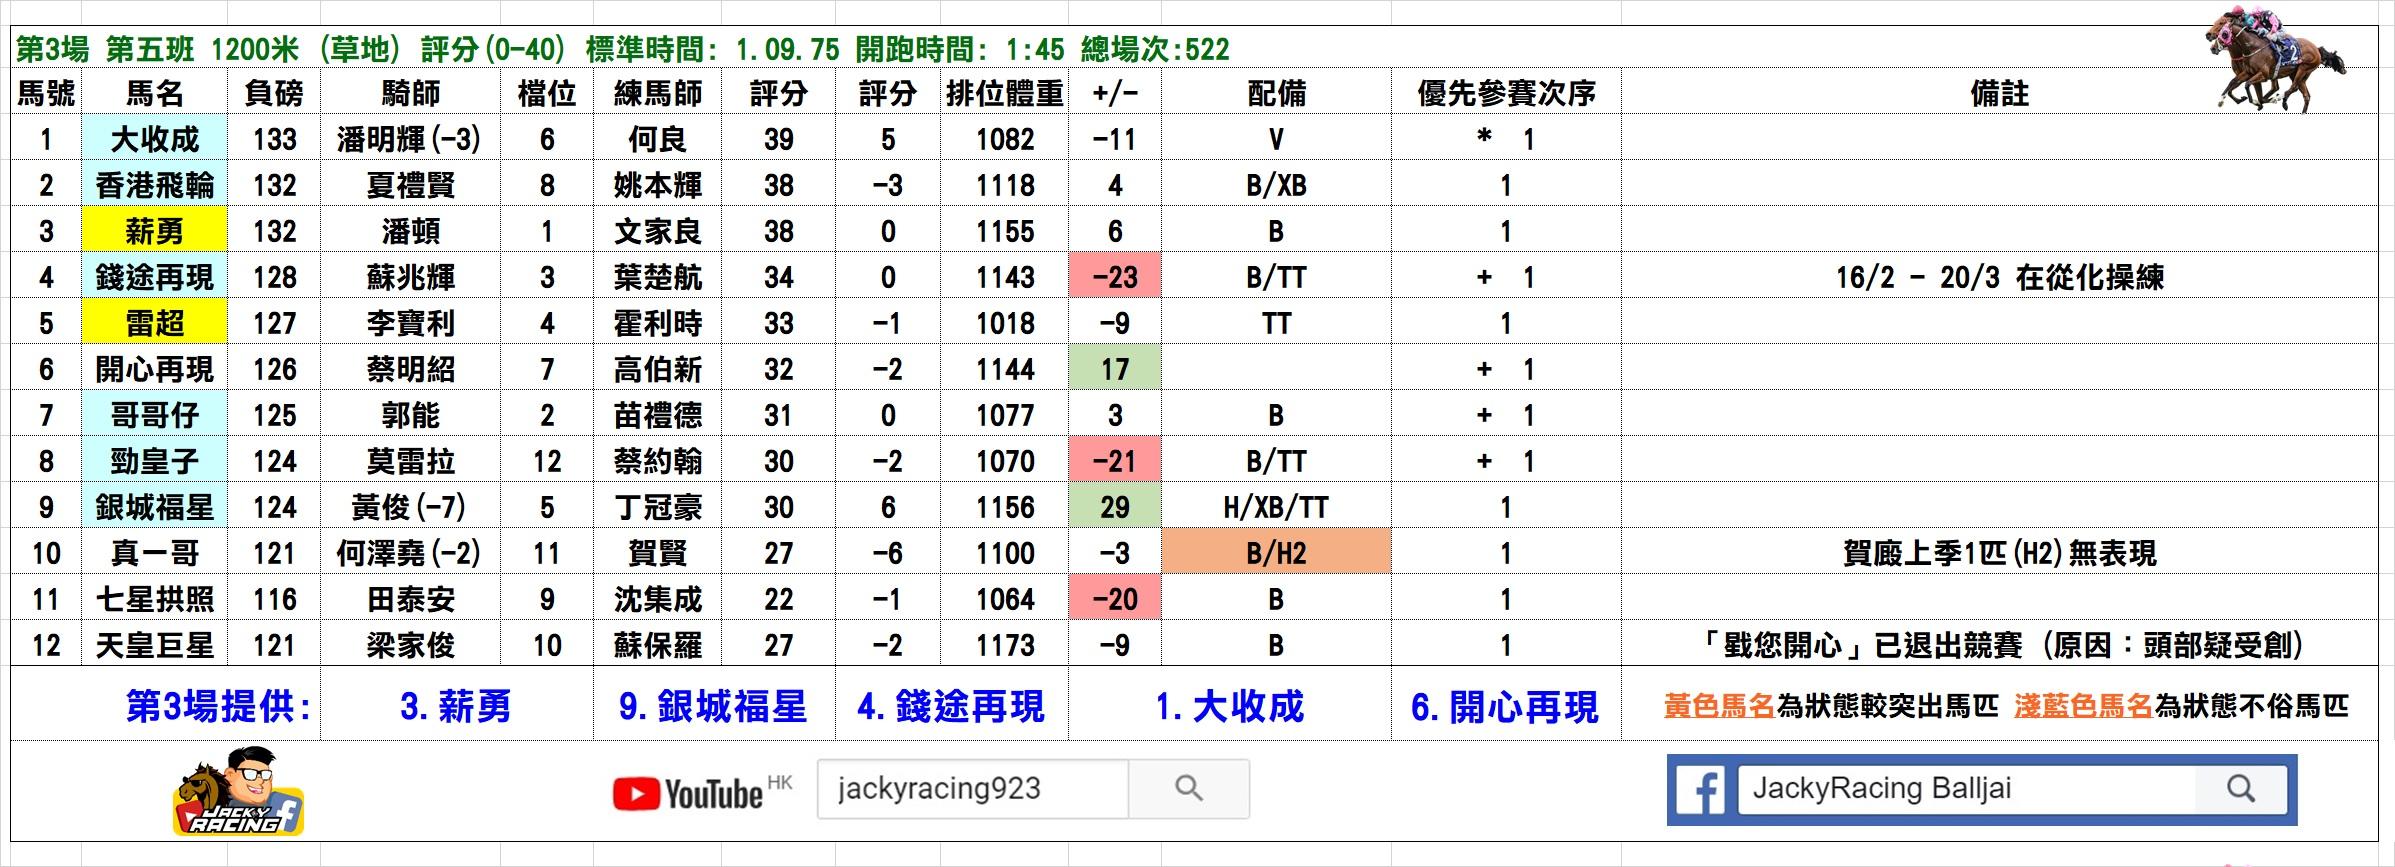 九龍木球會百週年紀念盃   Jackyracing